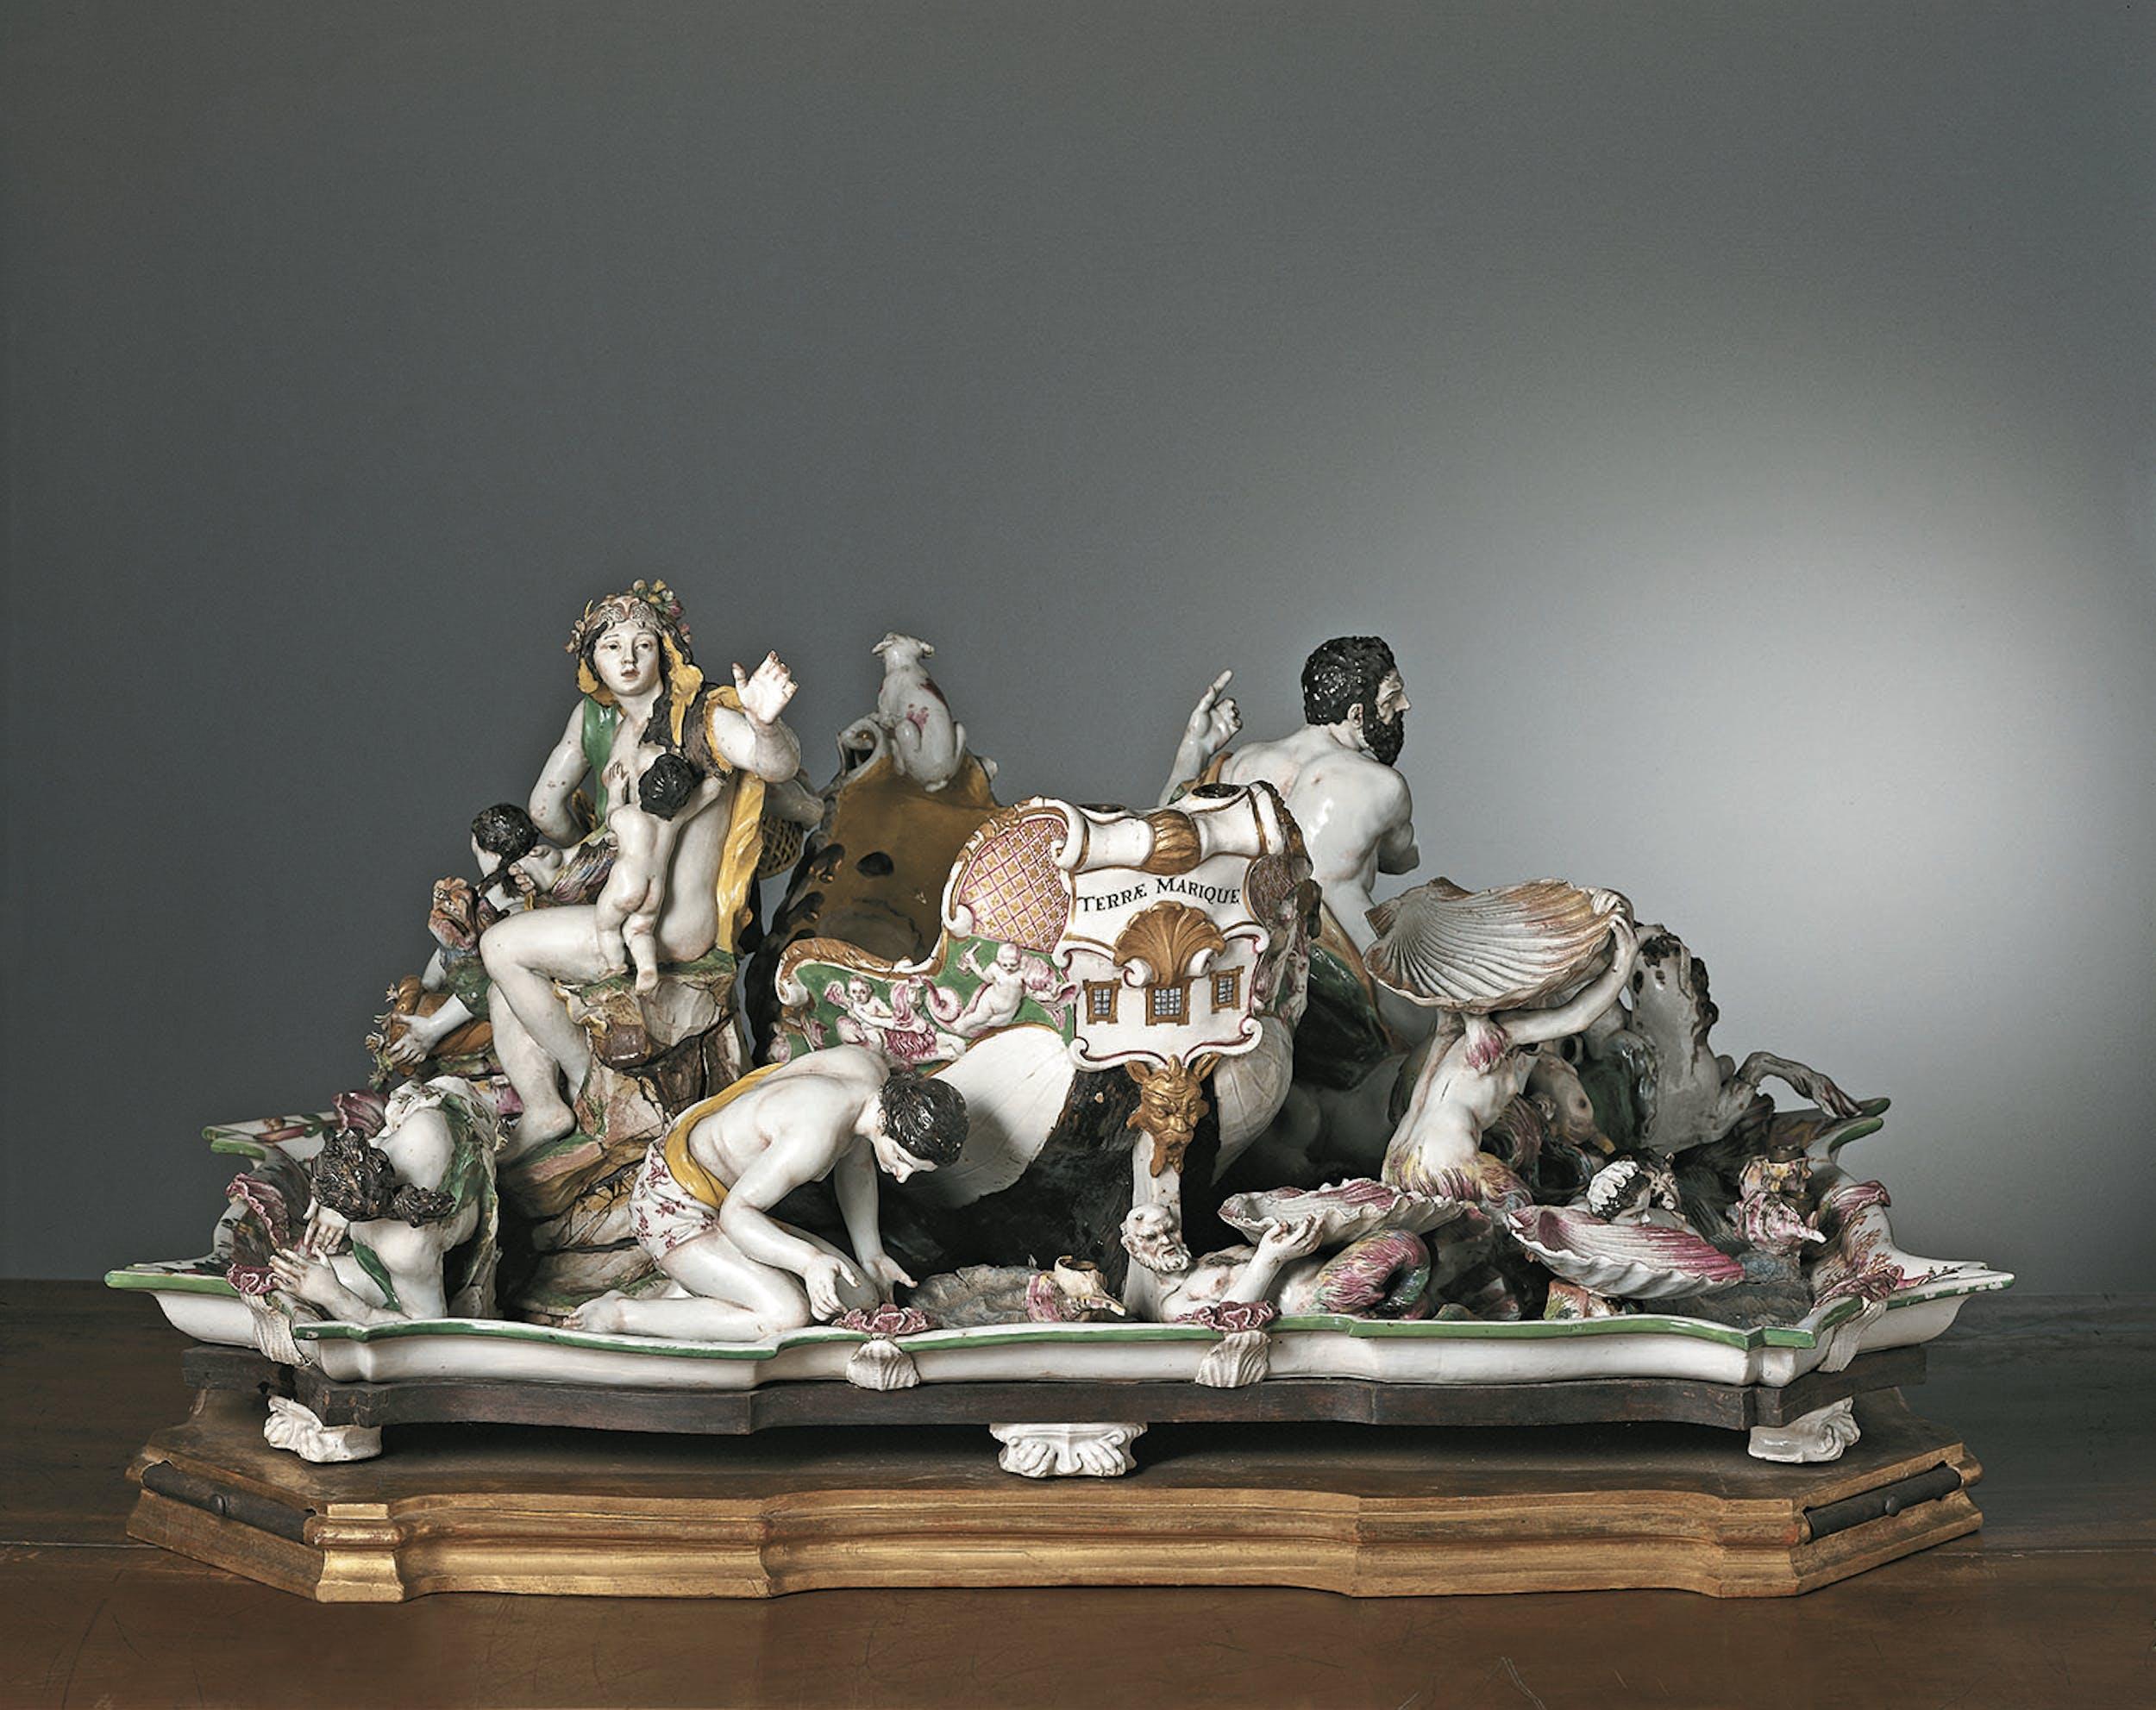 Gaspero Bruschi, attribuito (Firenze 1710-1780) e Manifattura Ginori, Doccia Centrotavola 1754-1756 circa porcellana dipinta in policromia e dorata, legno Collezione Cagnola, Gazzada (Varese)